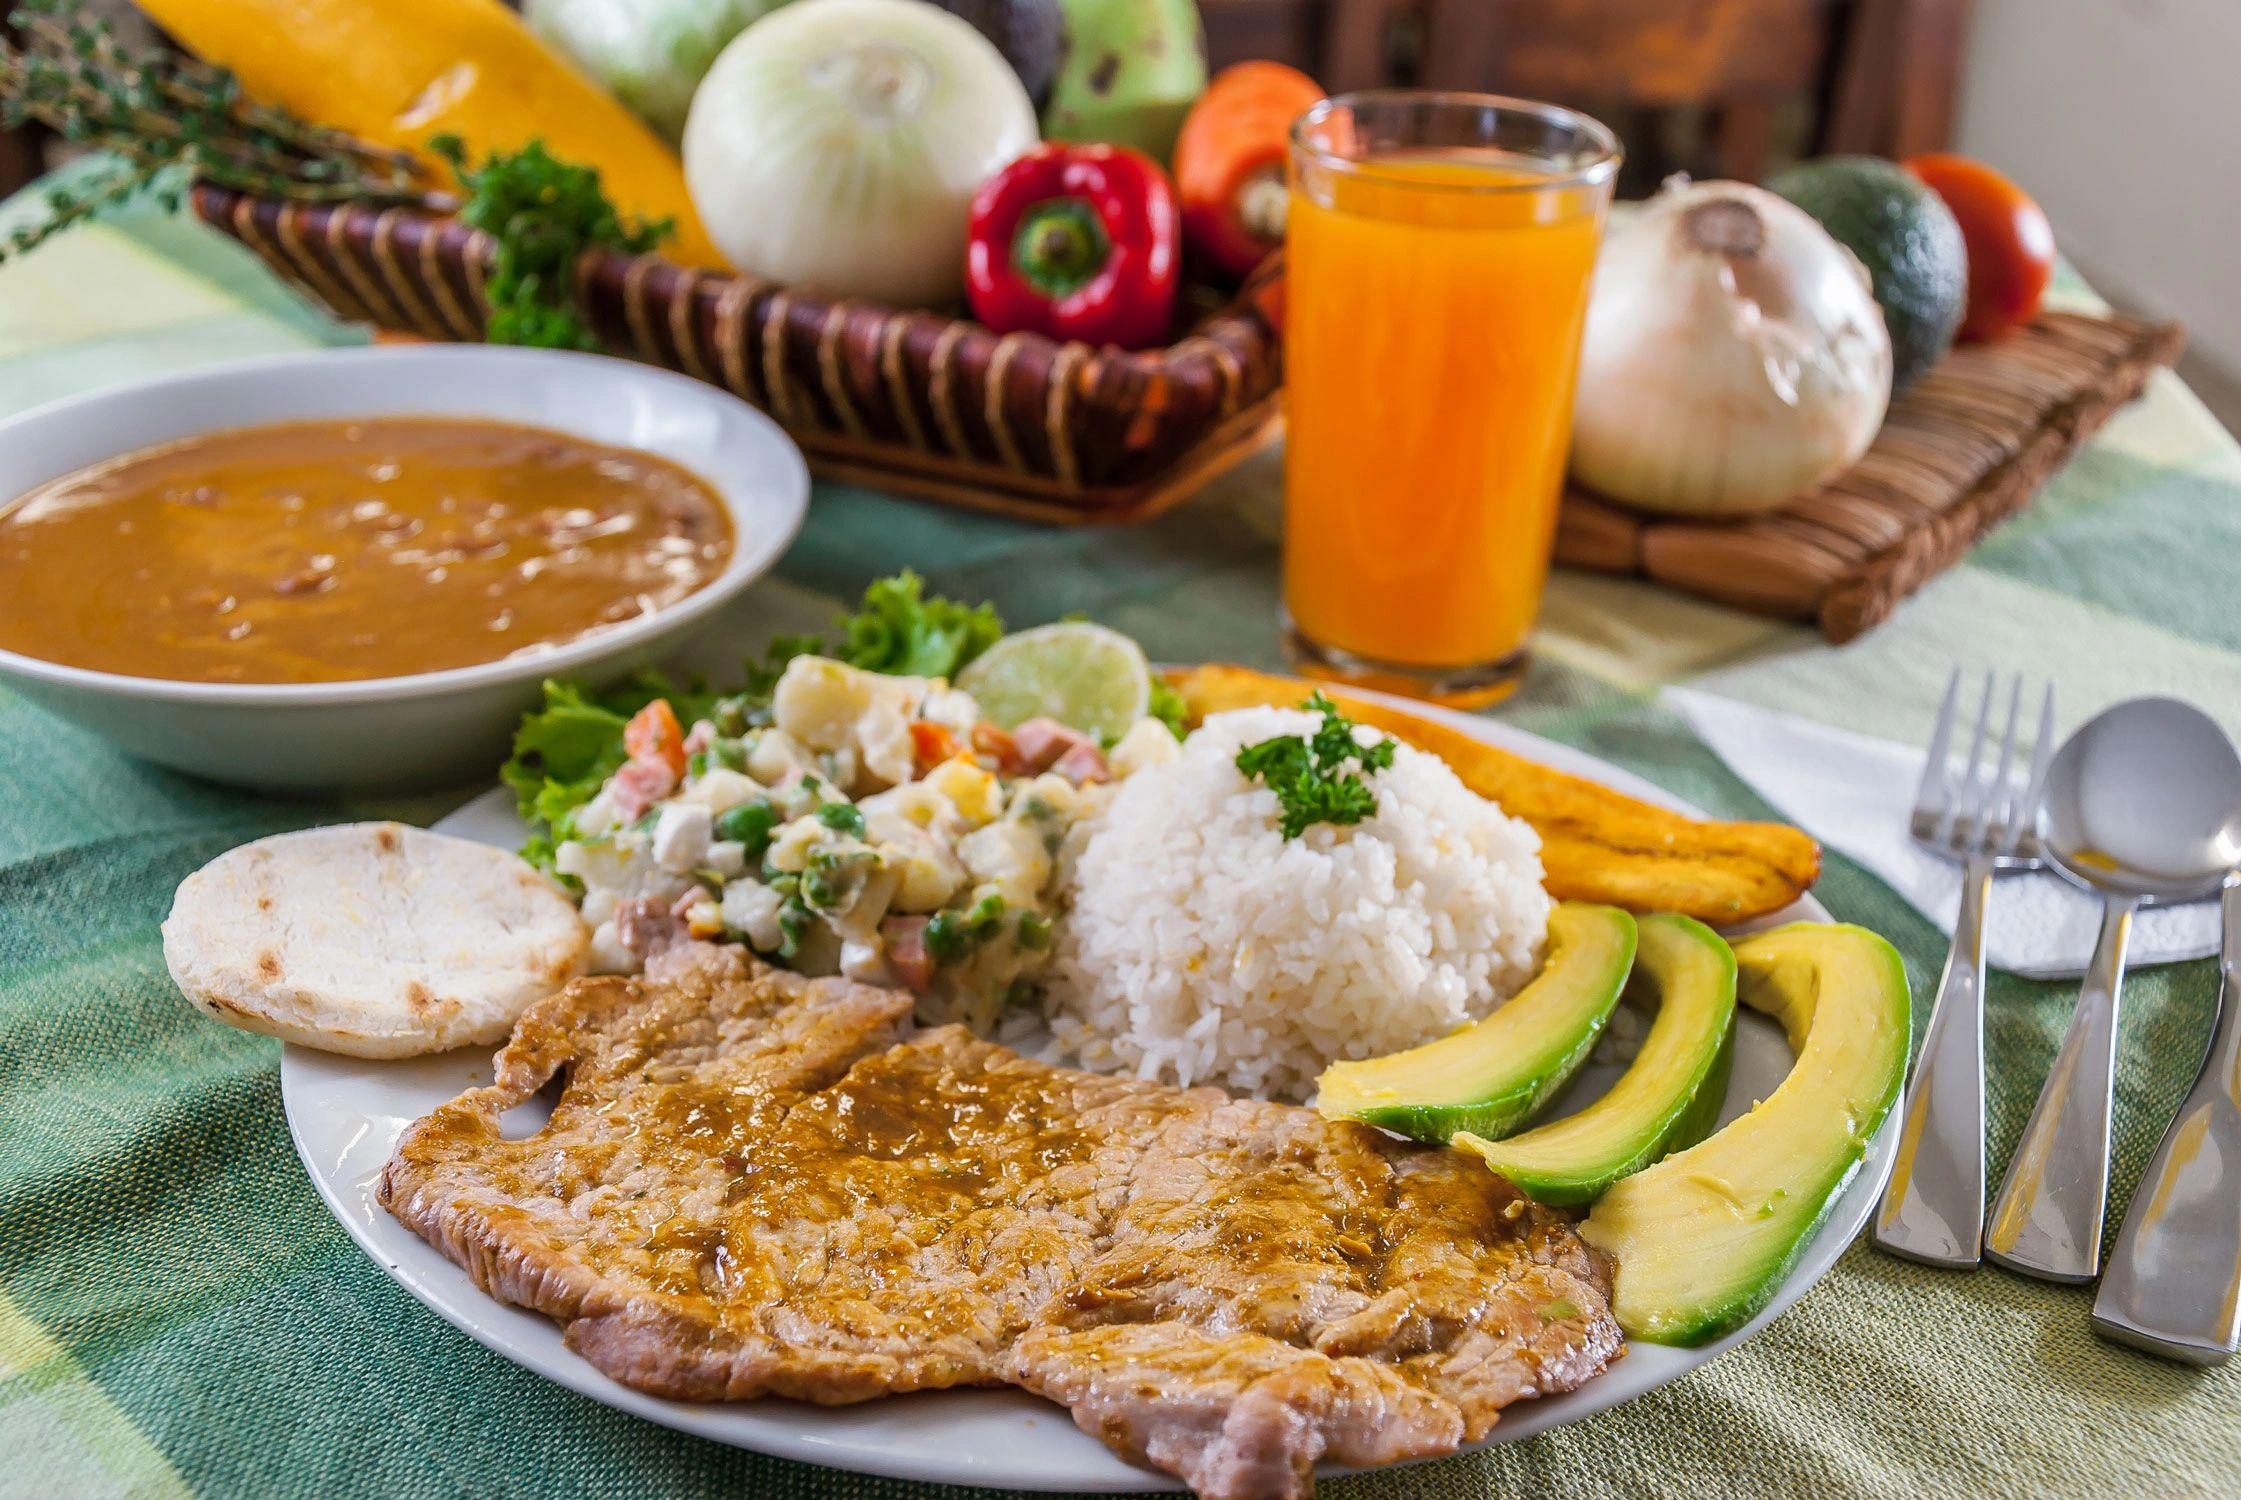 Caseros a su gusto - Casera - Medellín, Antioquia | Caseros a su gusto